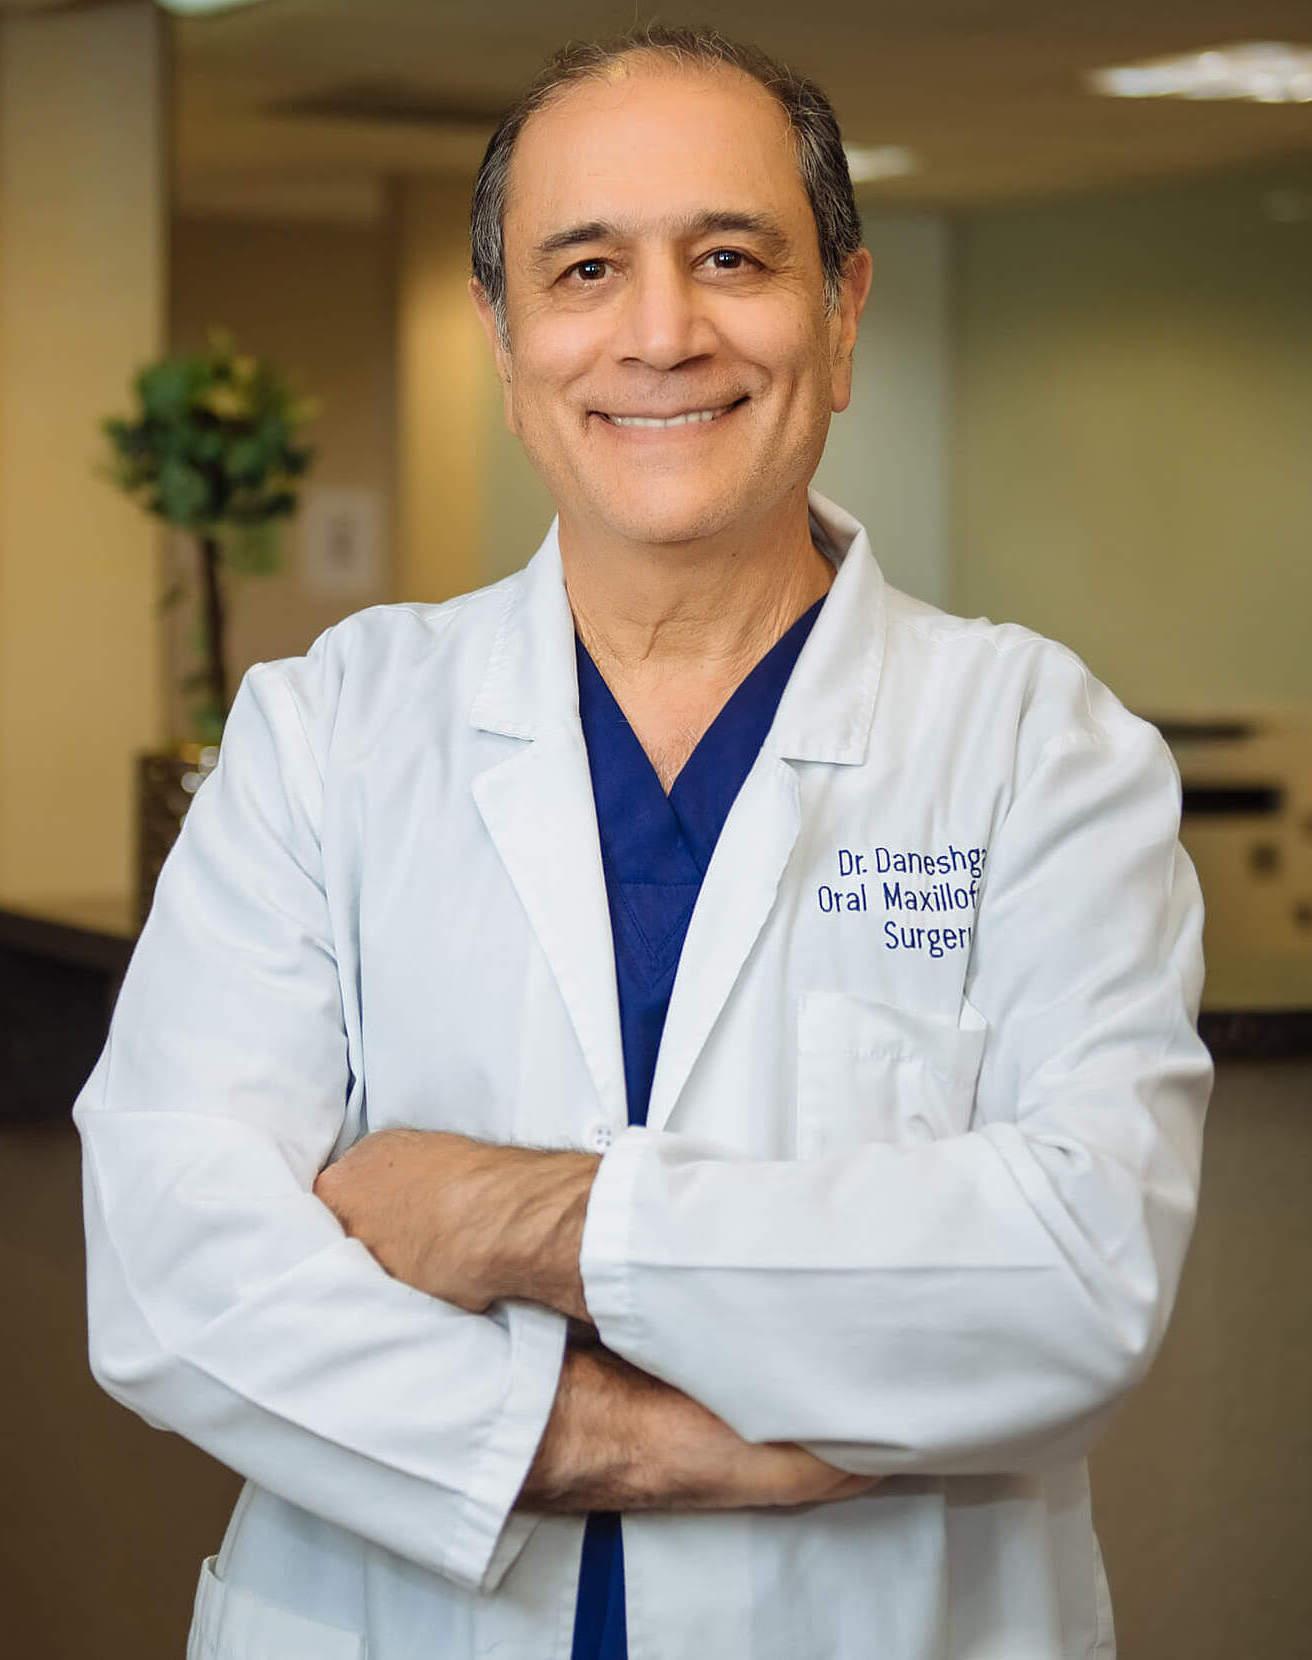 Dr. Daneshgar